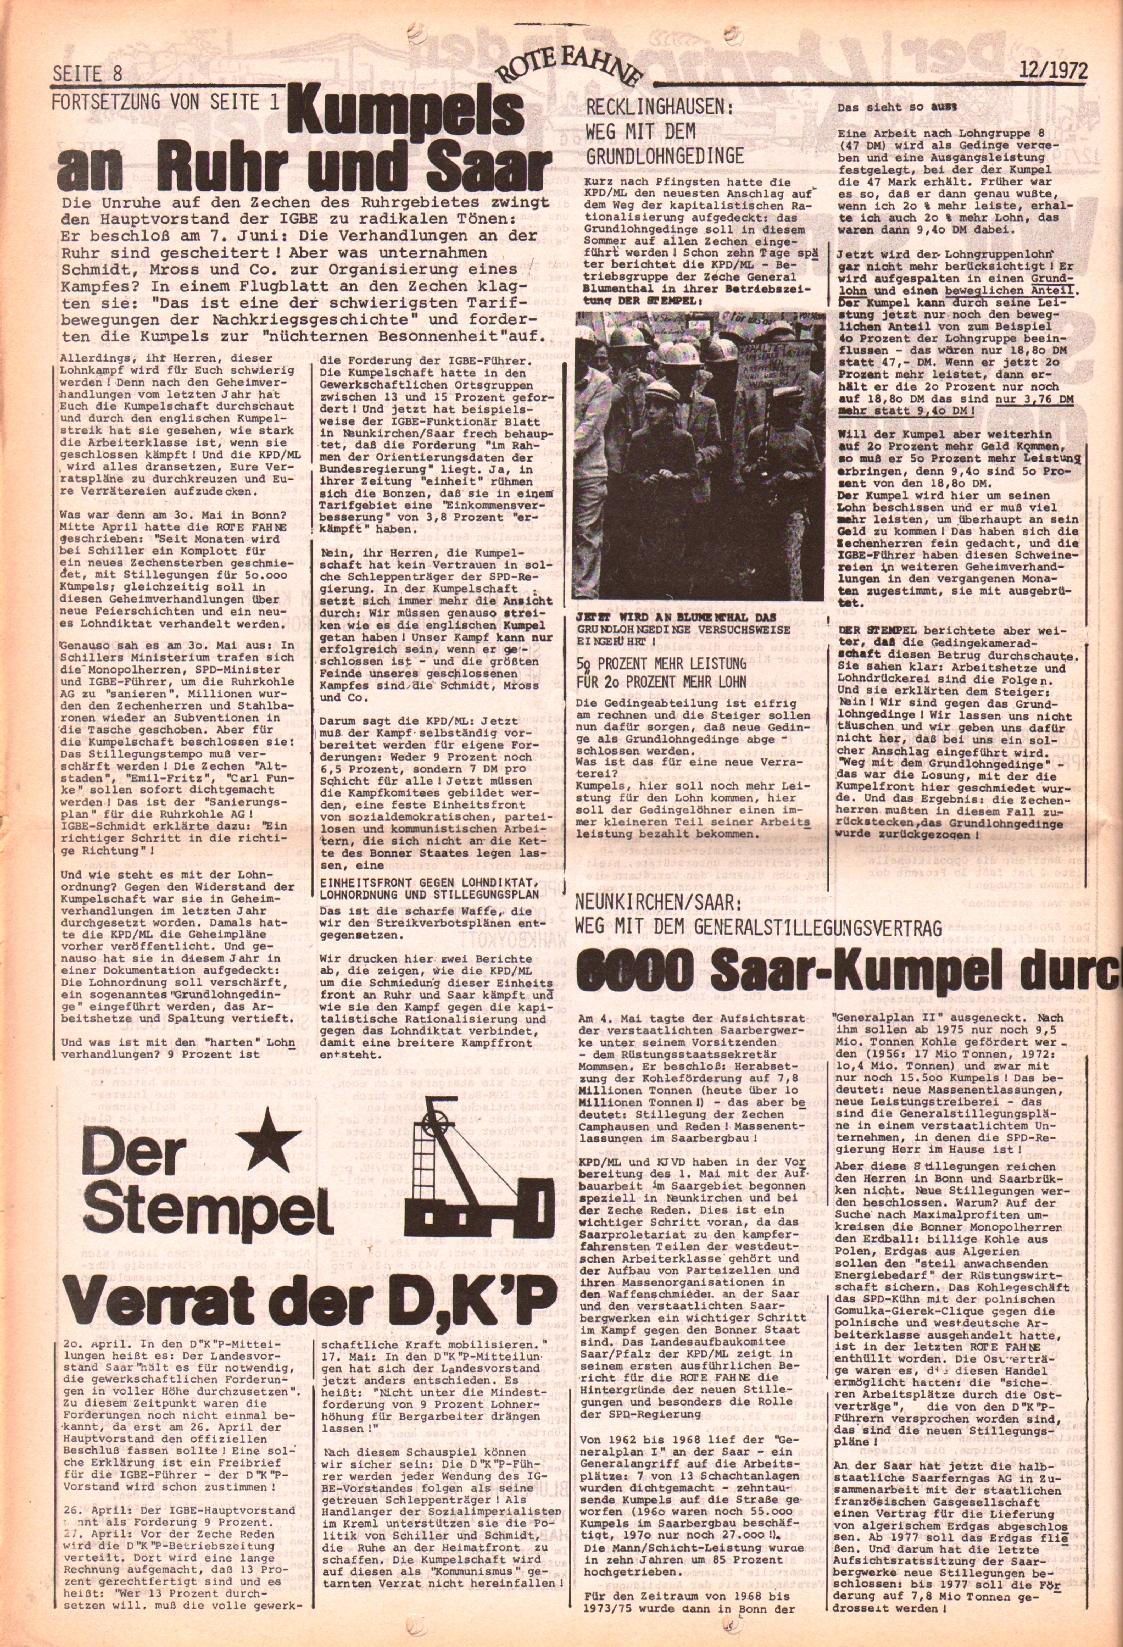 Rote Fahne, 3. Jg., 12.6.1972, Nr. 12, Seite 8